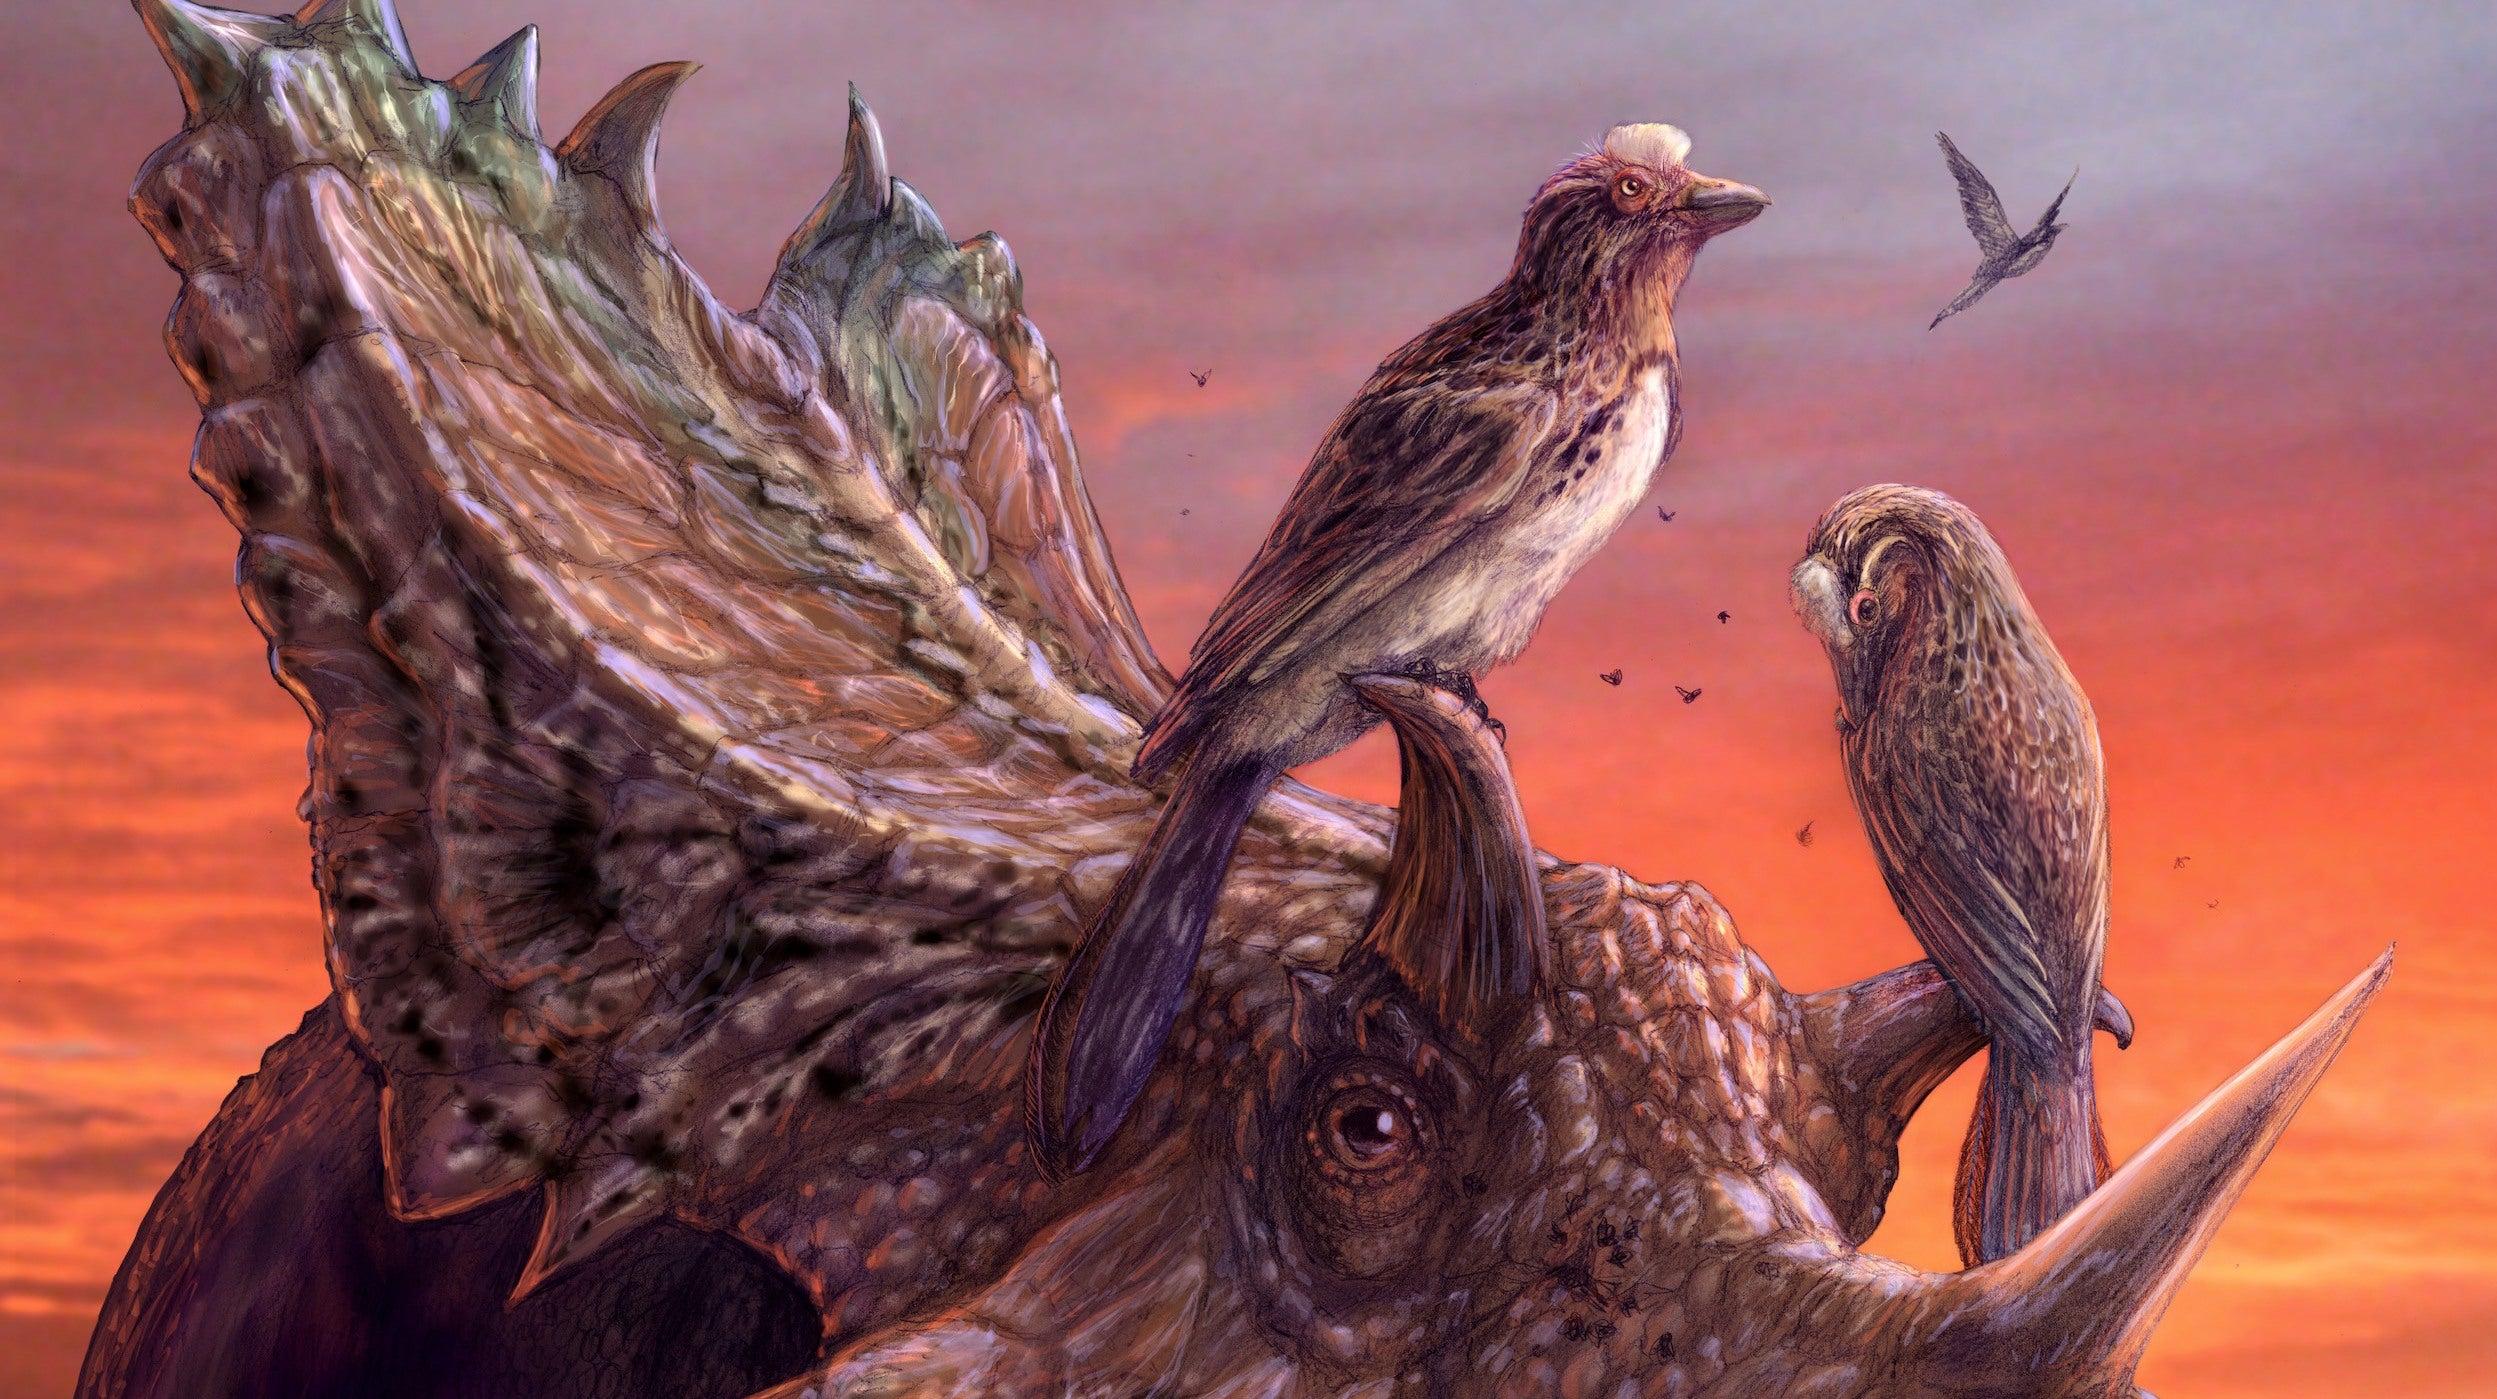 Incredible Bird-Dinosaur Specimen Thrills Scientists After 25 Years In Museum Storage